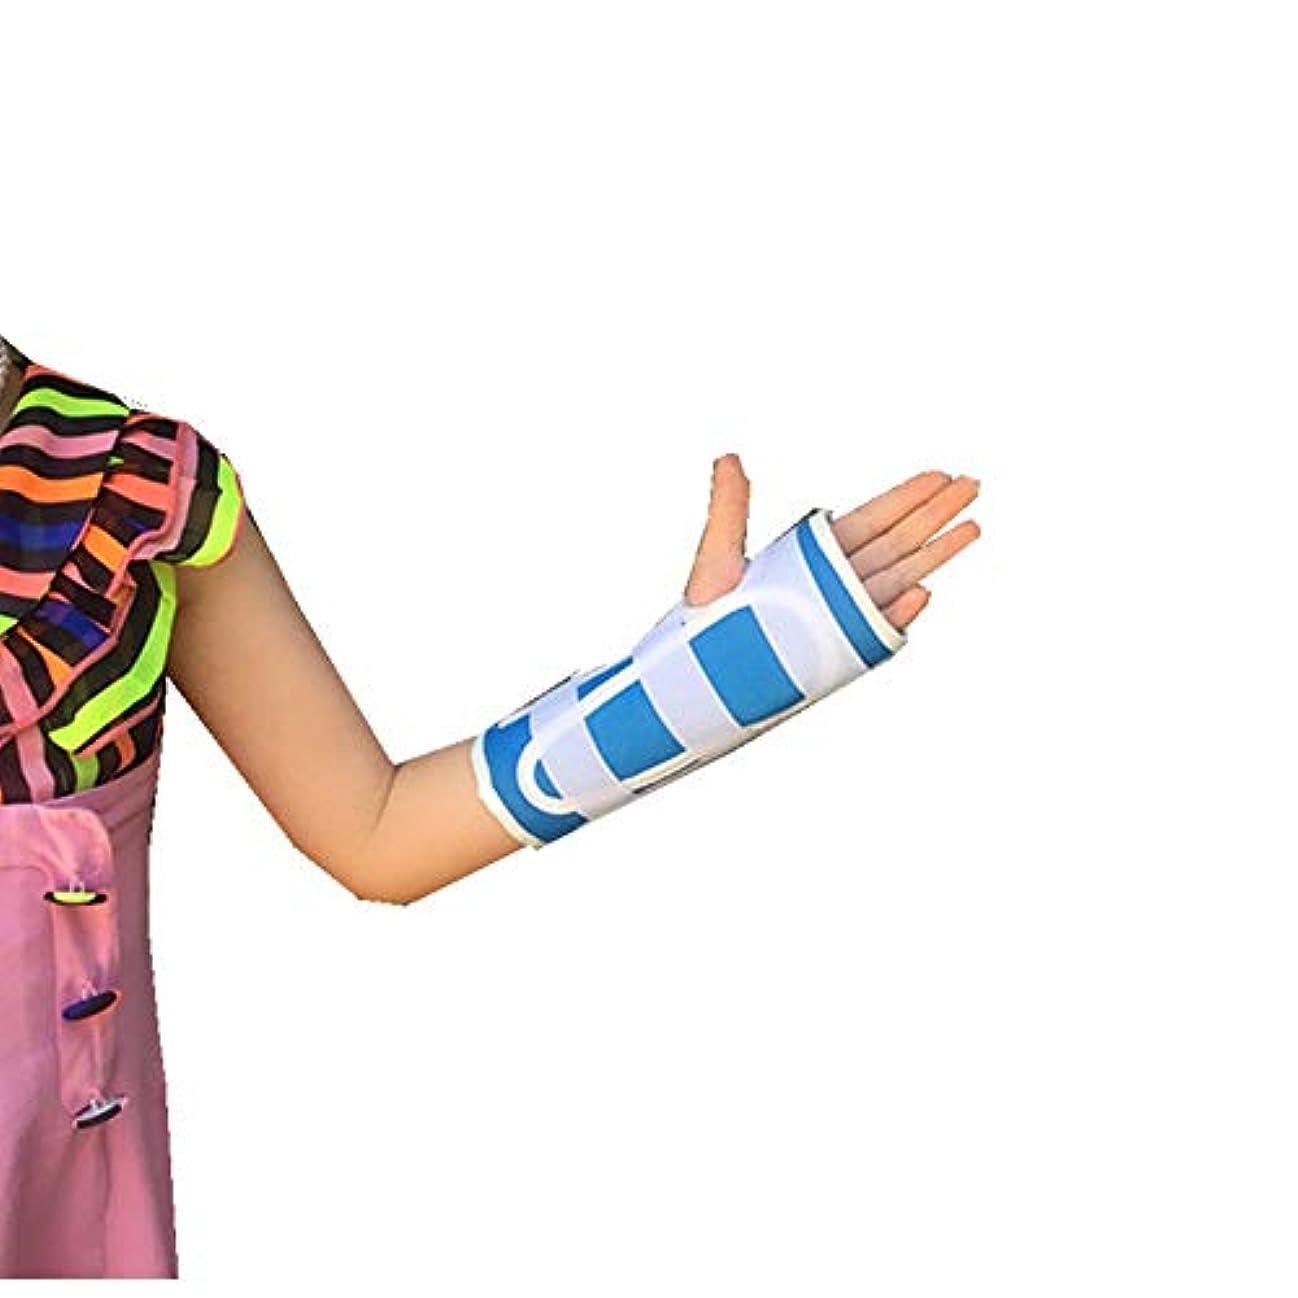 工業化する記念碑農学ZYL-YL 子供の手関節手首骨折手首捻挫骨折保護具通気性は内蔵アルミ合金シース (Edition : Right)